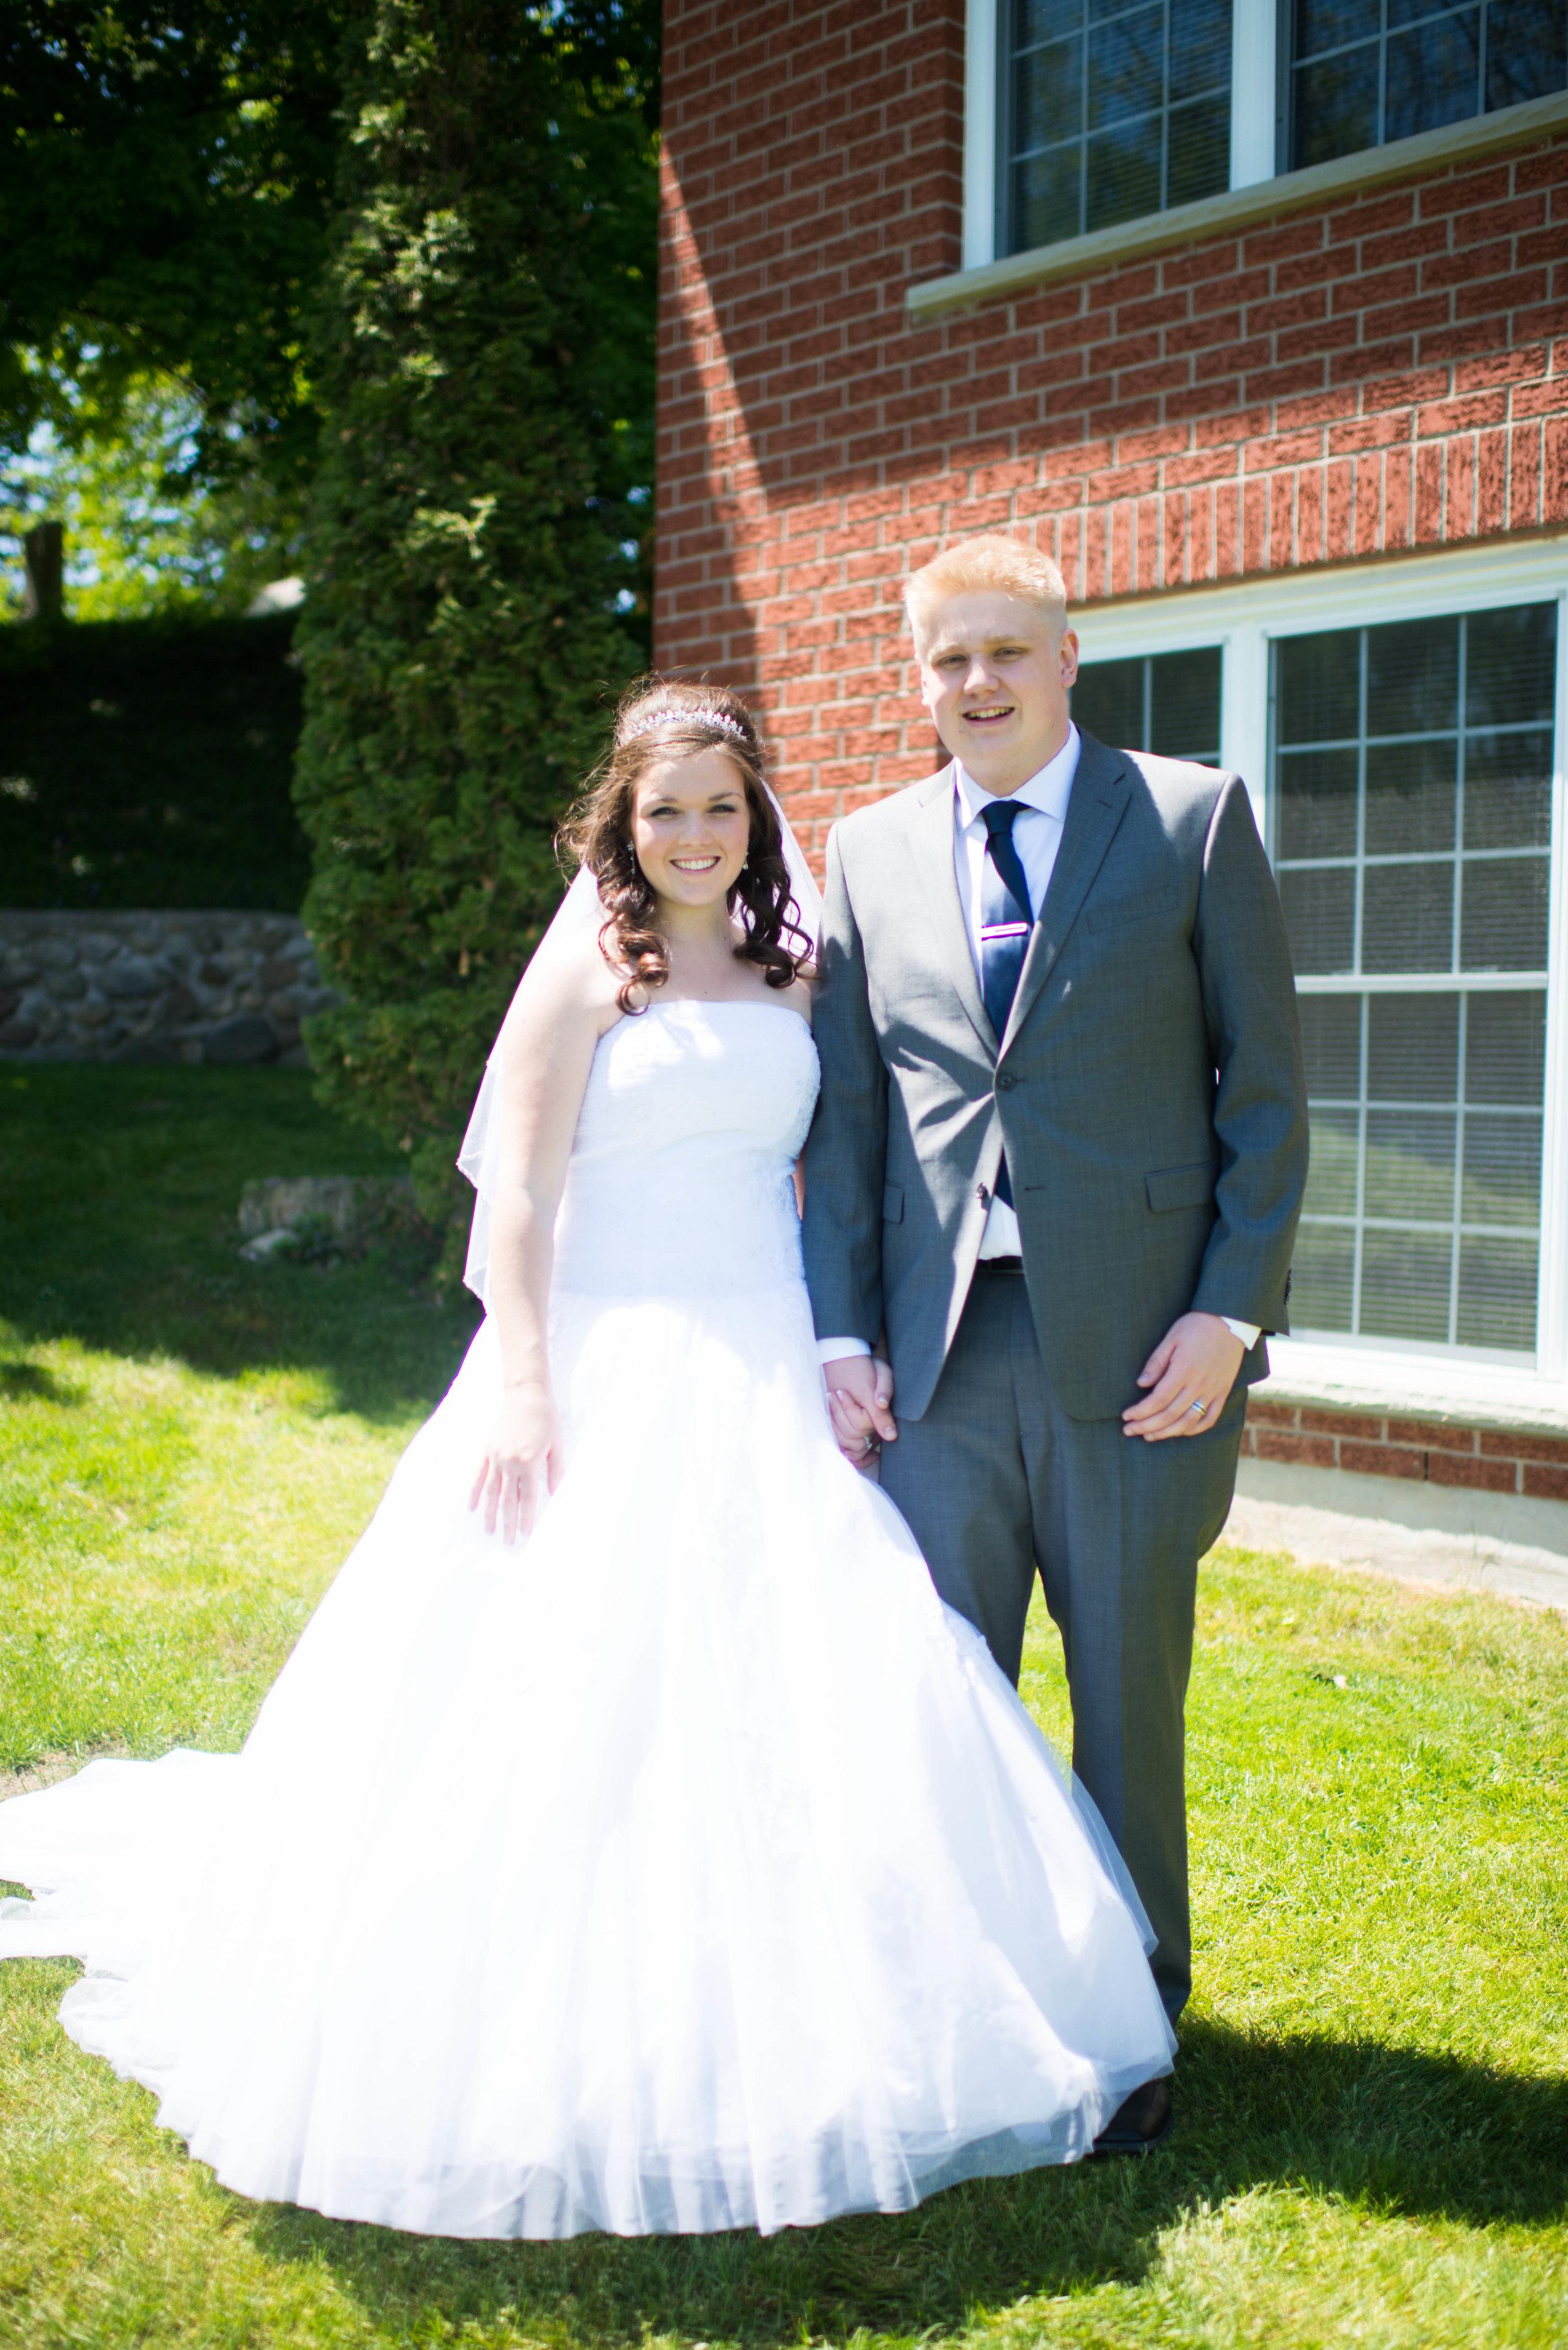 Adam & Kylie @ Bingemans Weddings